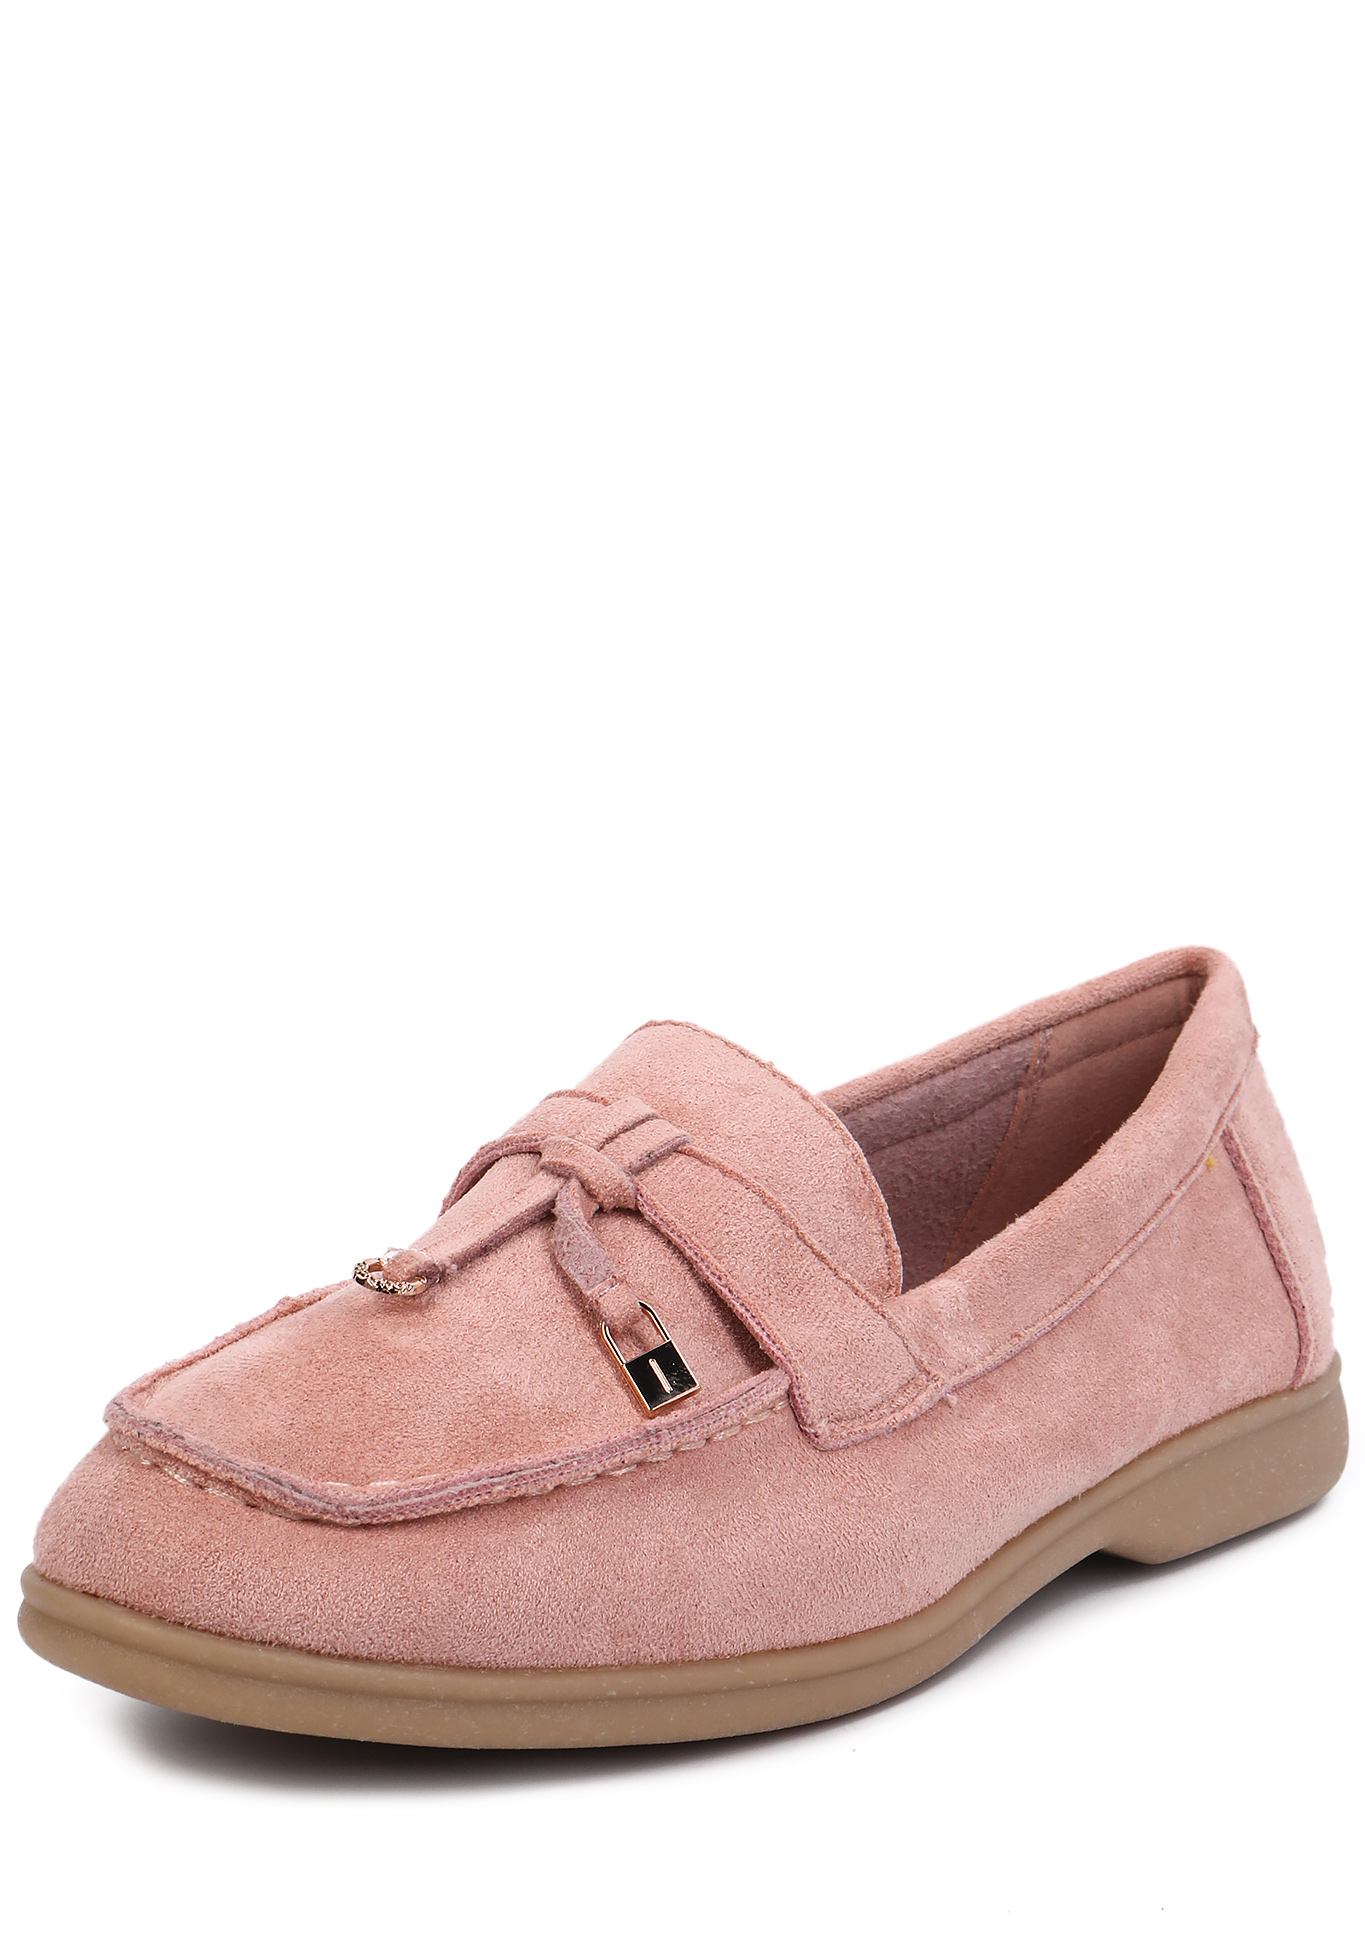 Женские туфли Альфика